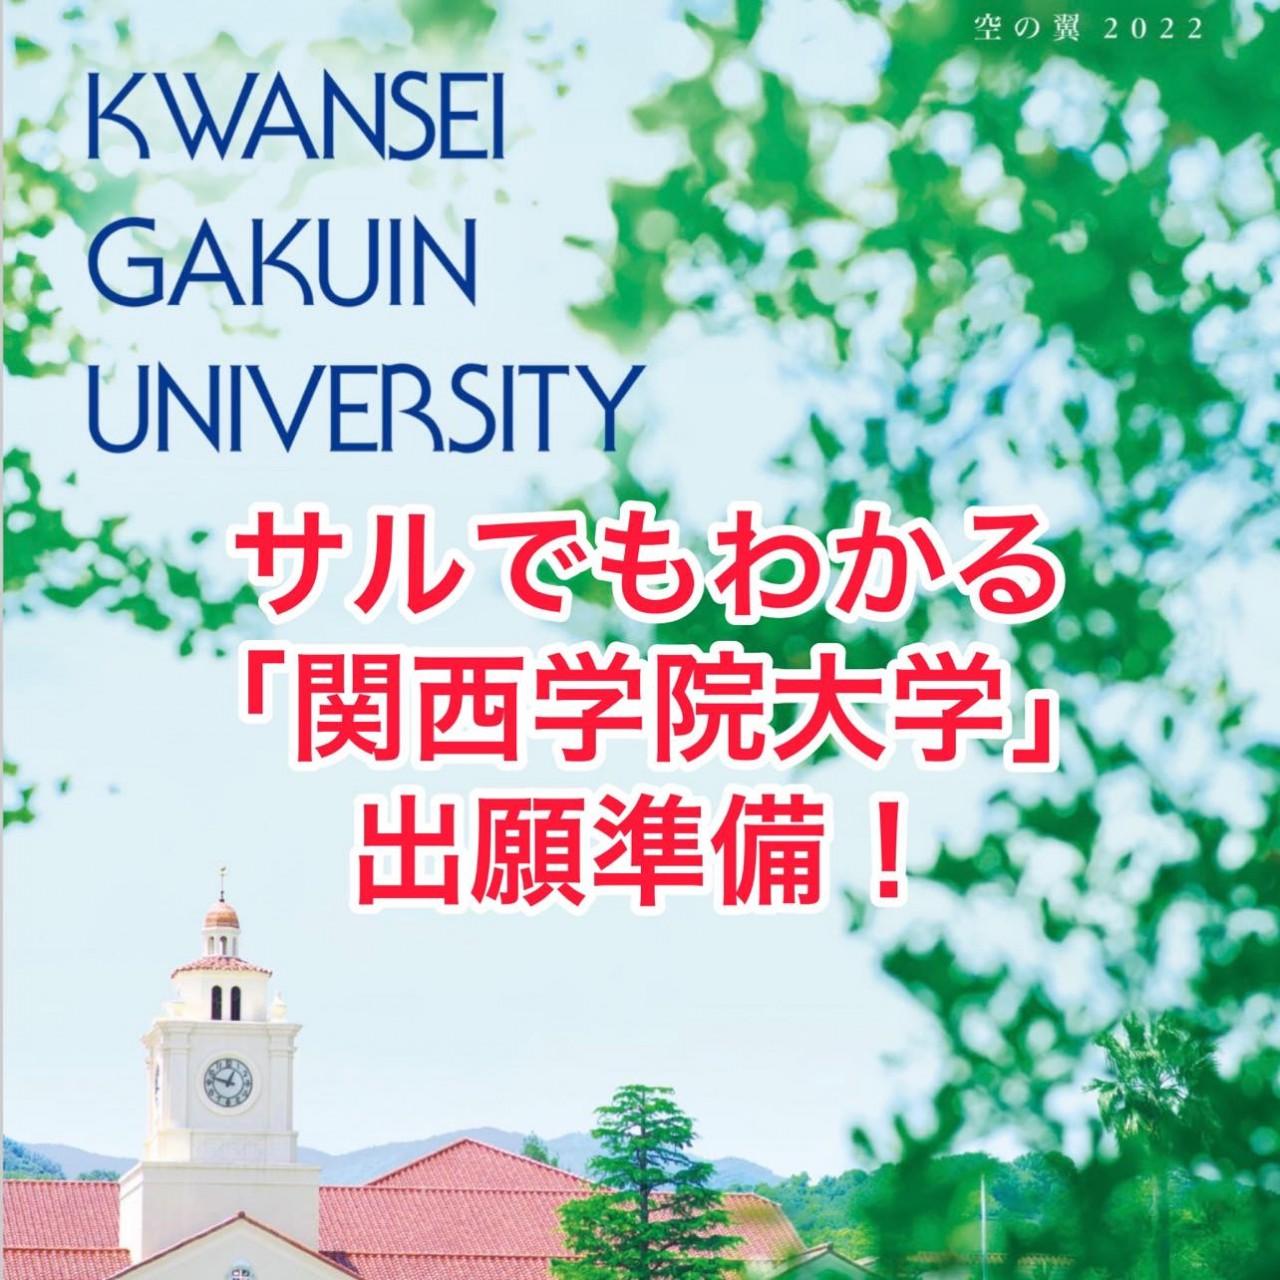 関西学院大学 2022 入試